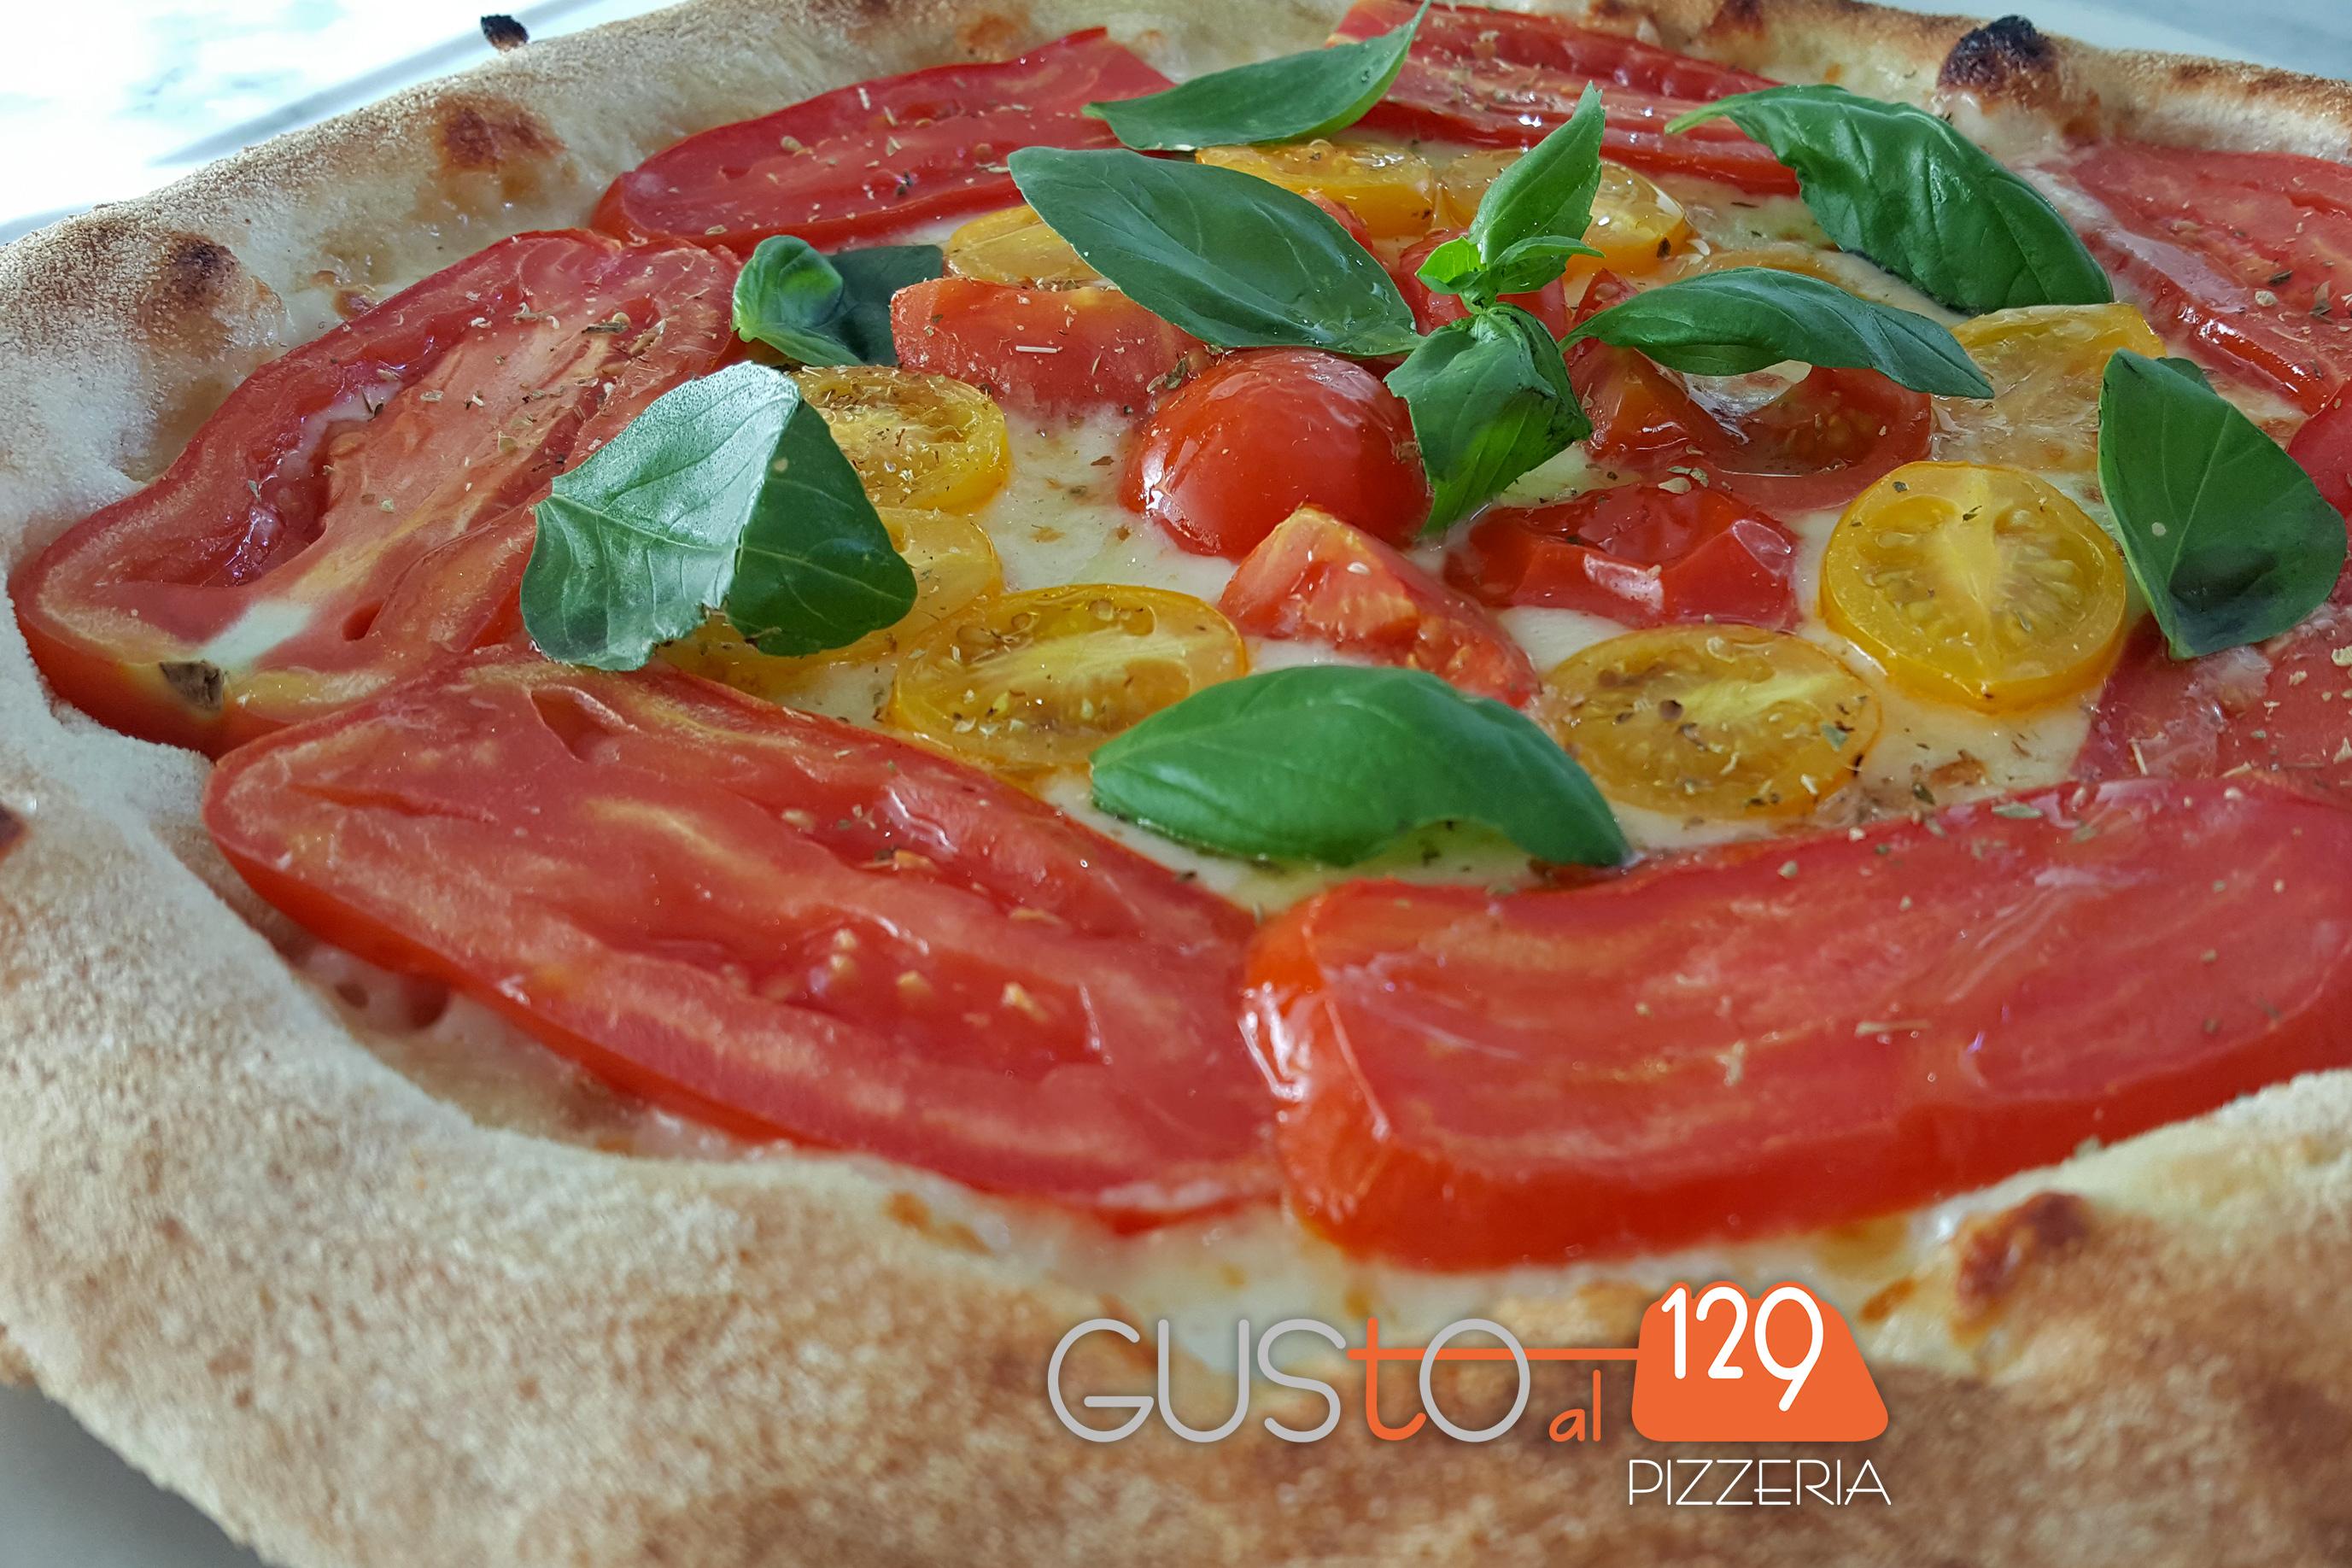 Pizzeria Gusto al 129